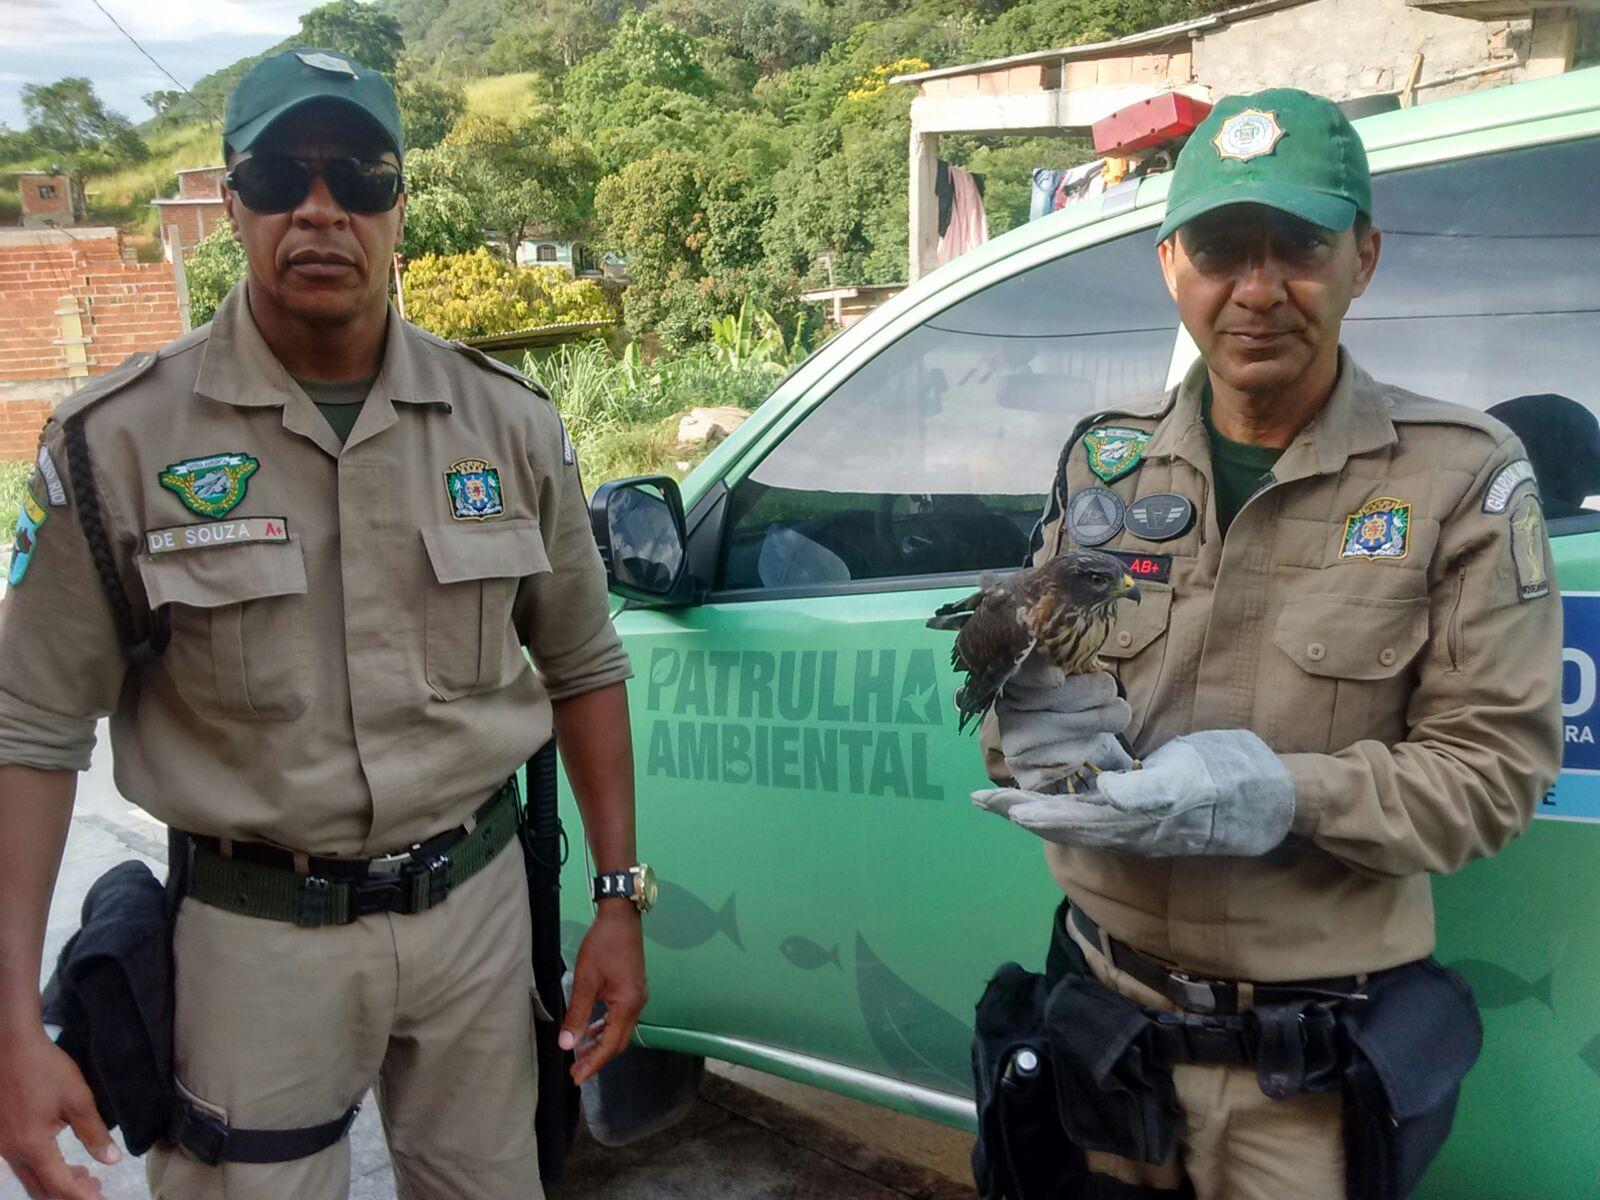 Patrulha Ambiental resgata animais silvestres na Zona Oeste